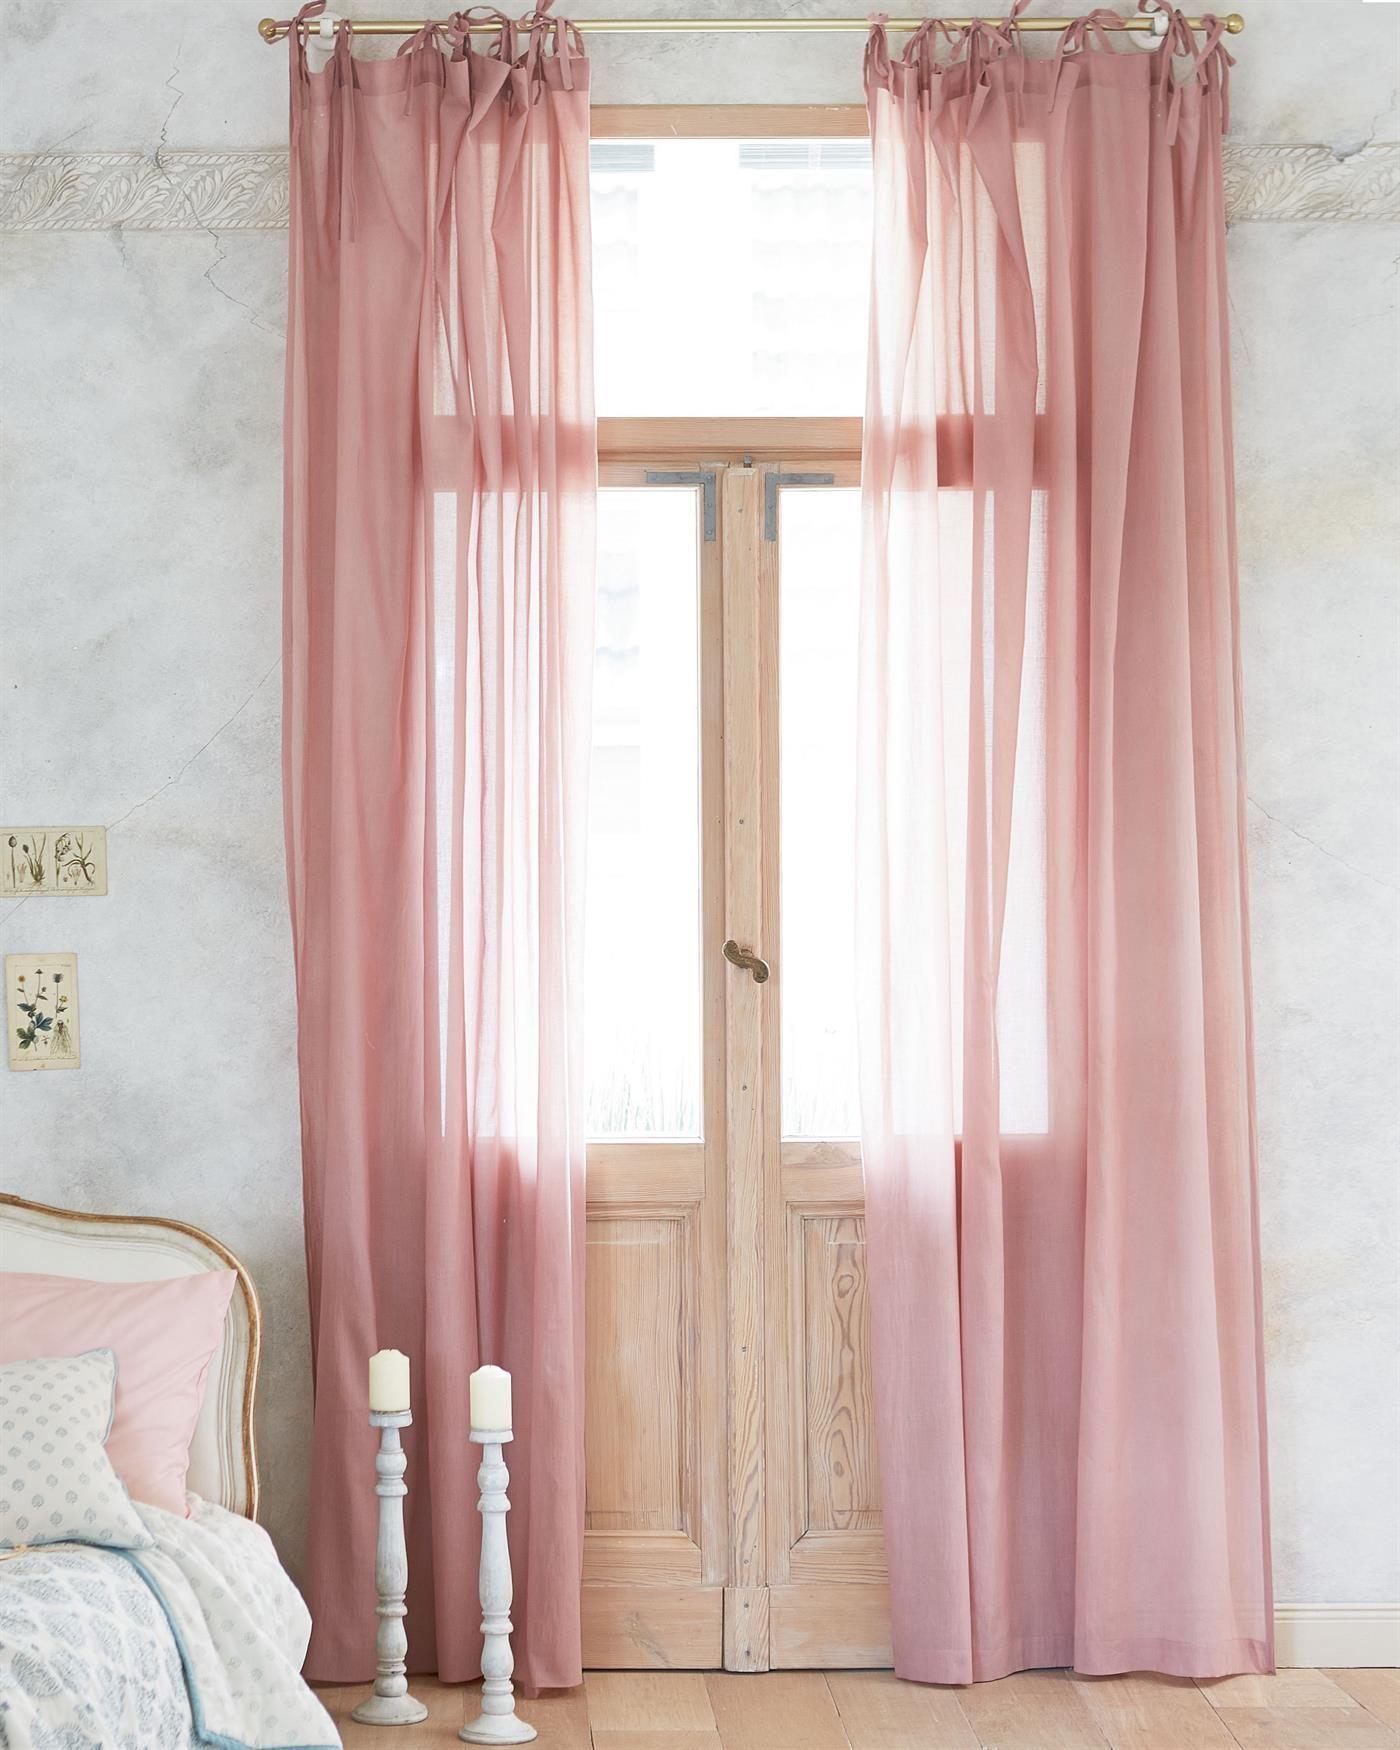 Voilevorhang Altrosa Exklusiv Auf Vossberg De Mit Bildern Schlafzimmer Inspirationen Haus Deko Altrosa